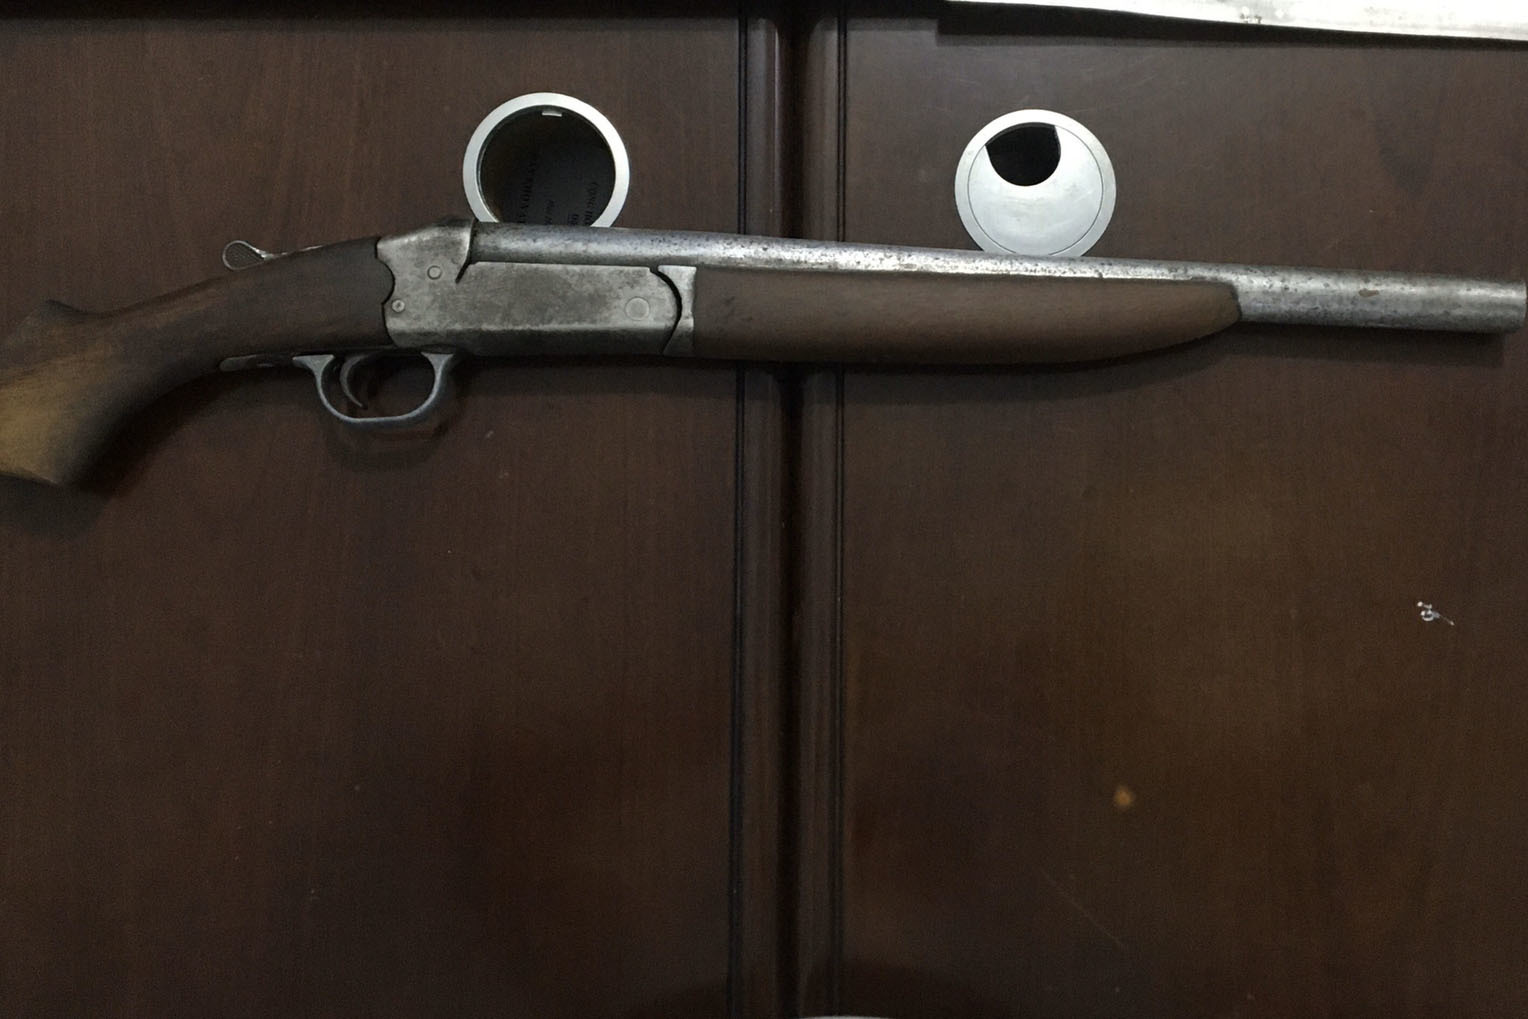 9X ở Quảng Ninh xử lý mâu thuẫn bằng súng tại nhà riêng